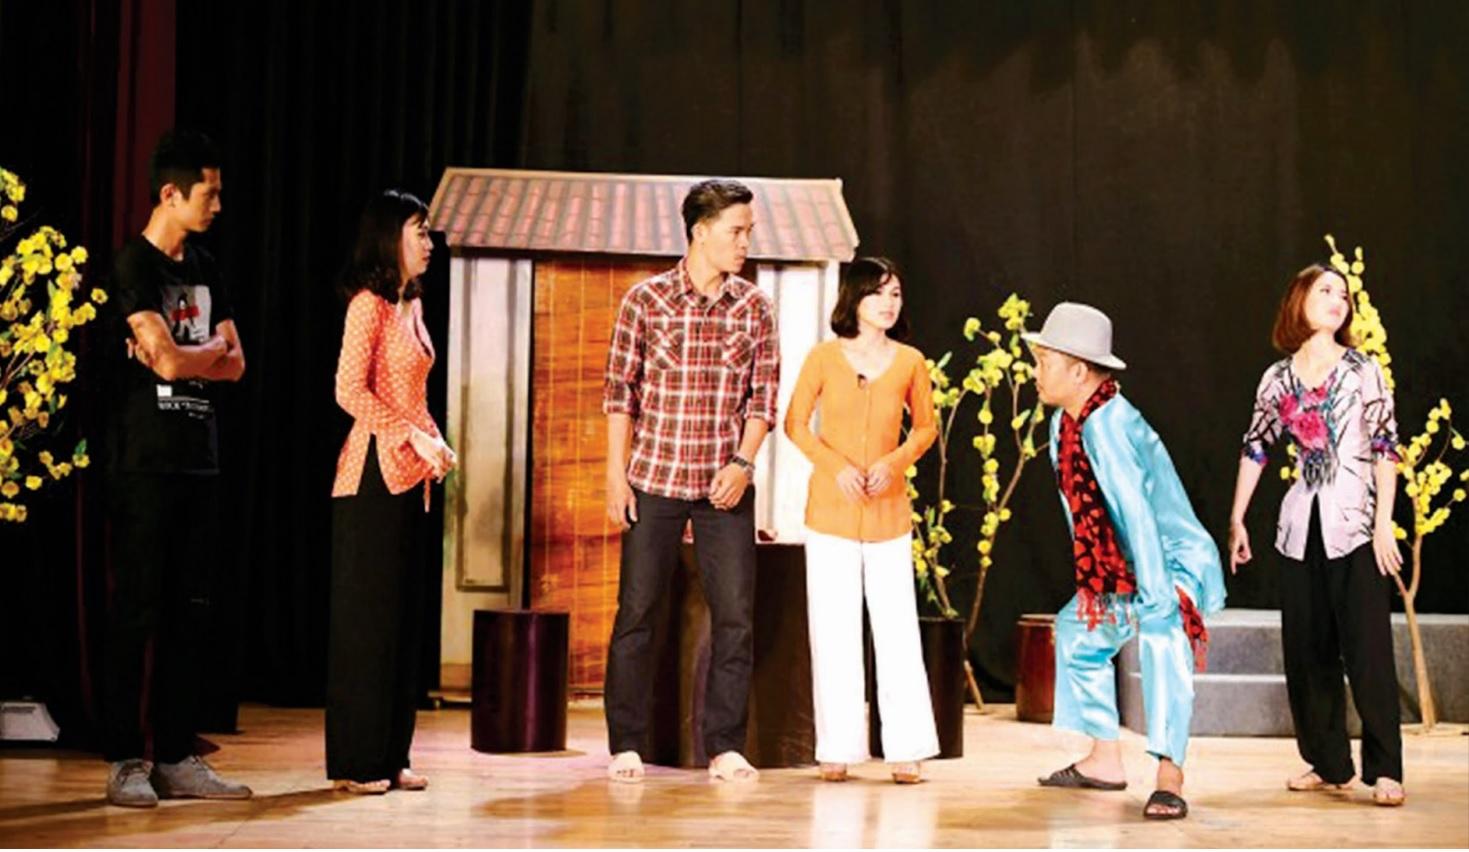 """Các diễn viên thể hiện vở kịch nói """"Đám cưới chùm"""". Ảnh tư liệu"""